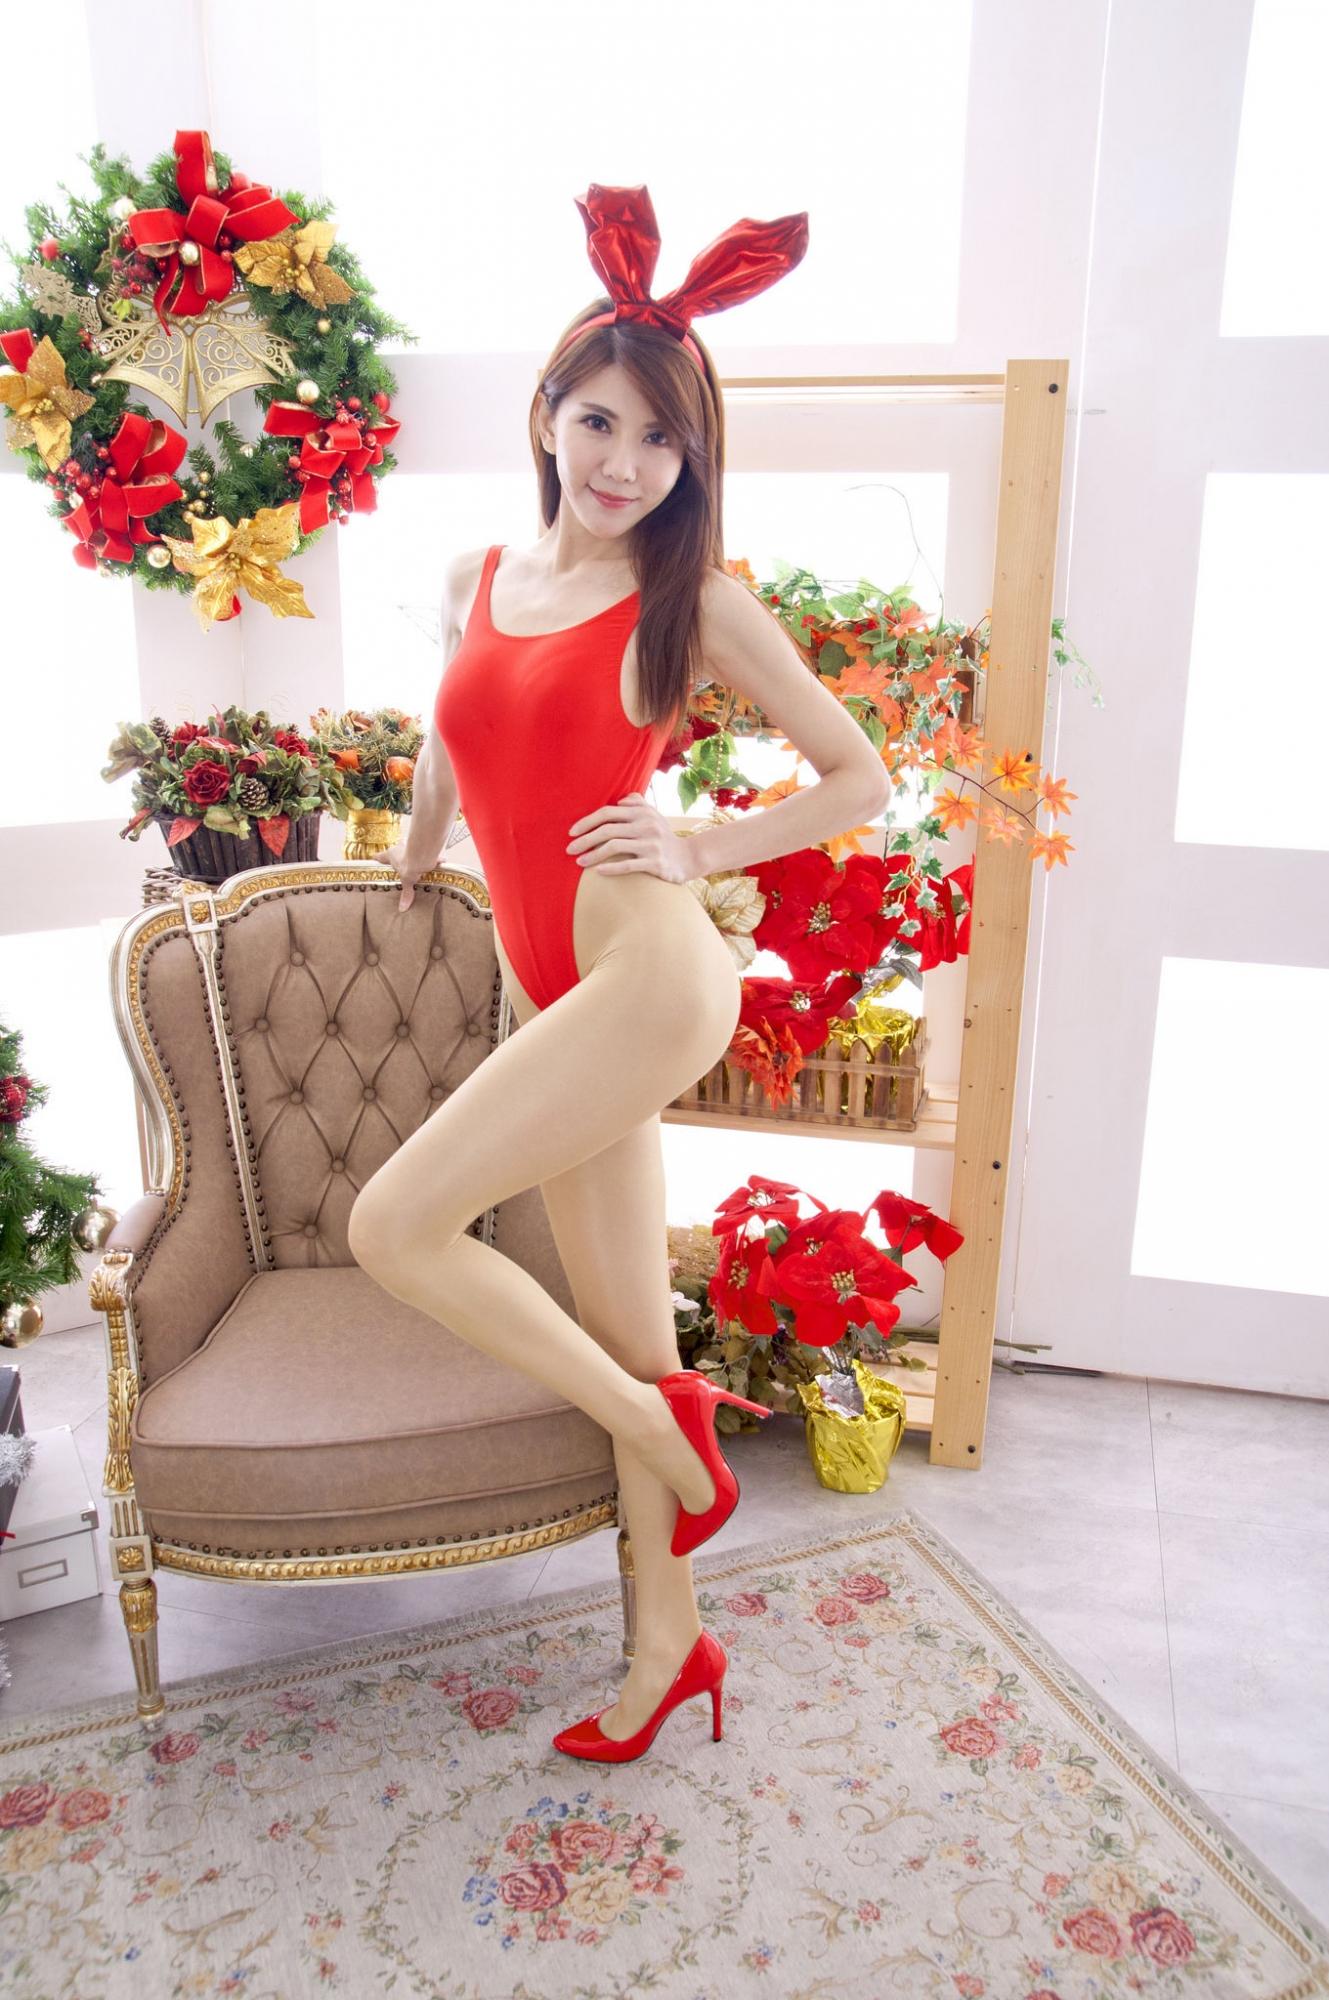 165439ximitmi9tri8c8b9.jpg.thumb